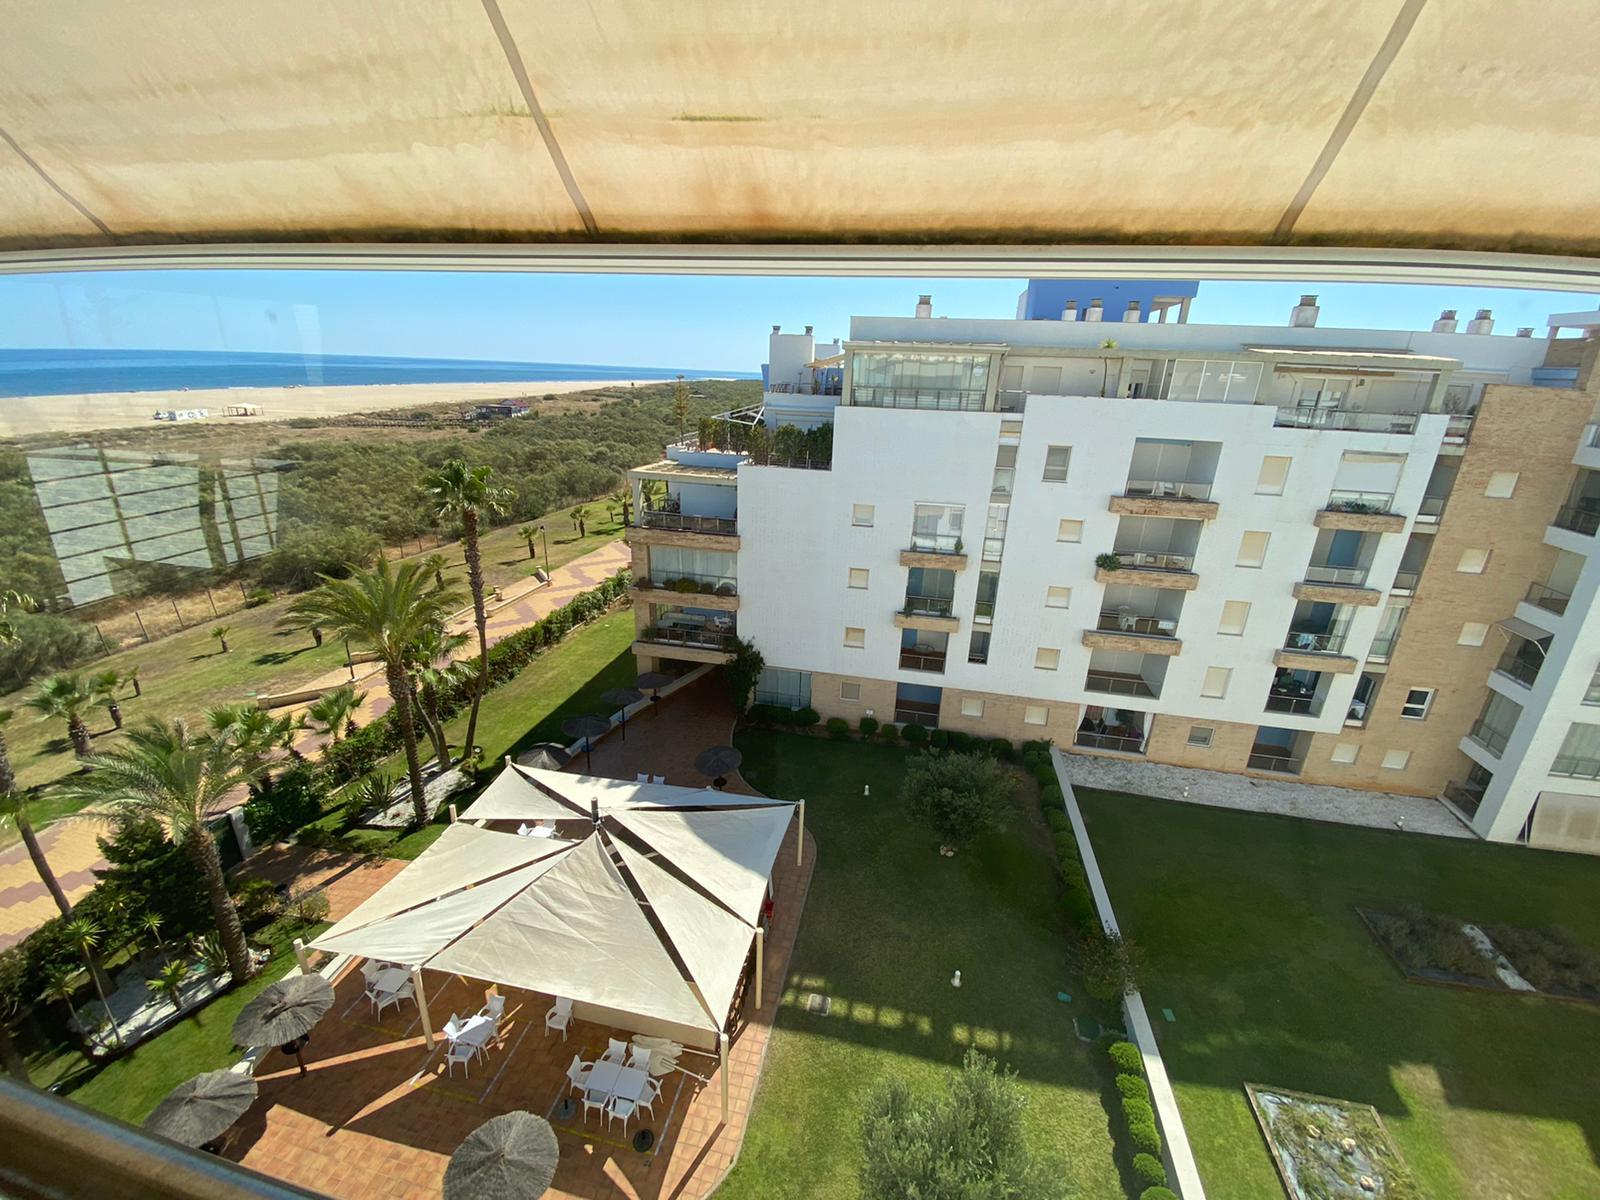 Imagen 22 del Apartamento Turístico, Ático 3 Levante, Frontal (4d+2b), Punta del Moral (HUELVA), Paseo de la Cruz nº22